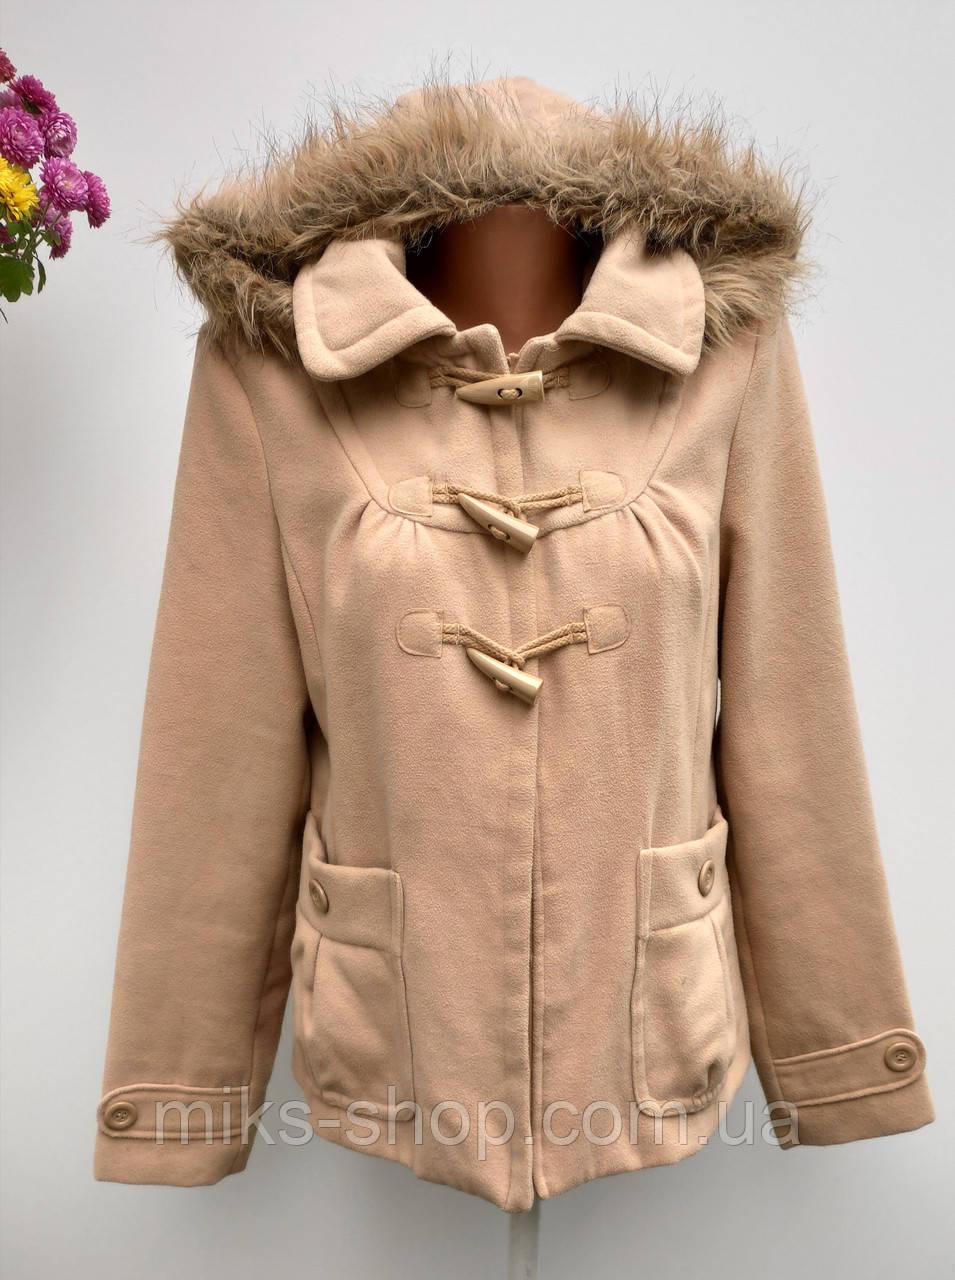 Пальто жіноче осінь - зима Розмір M-L ( А-56)